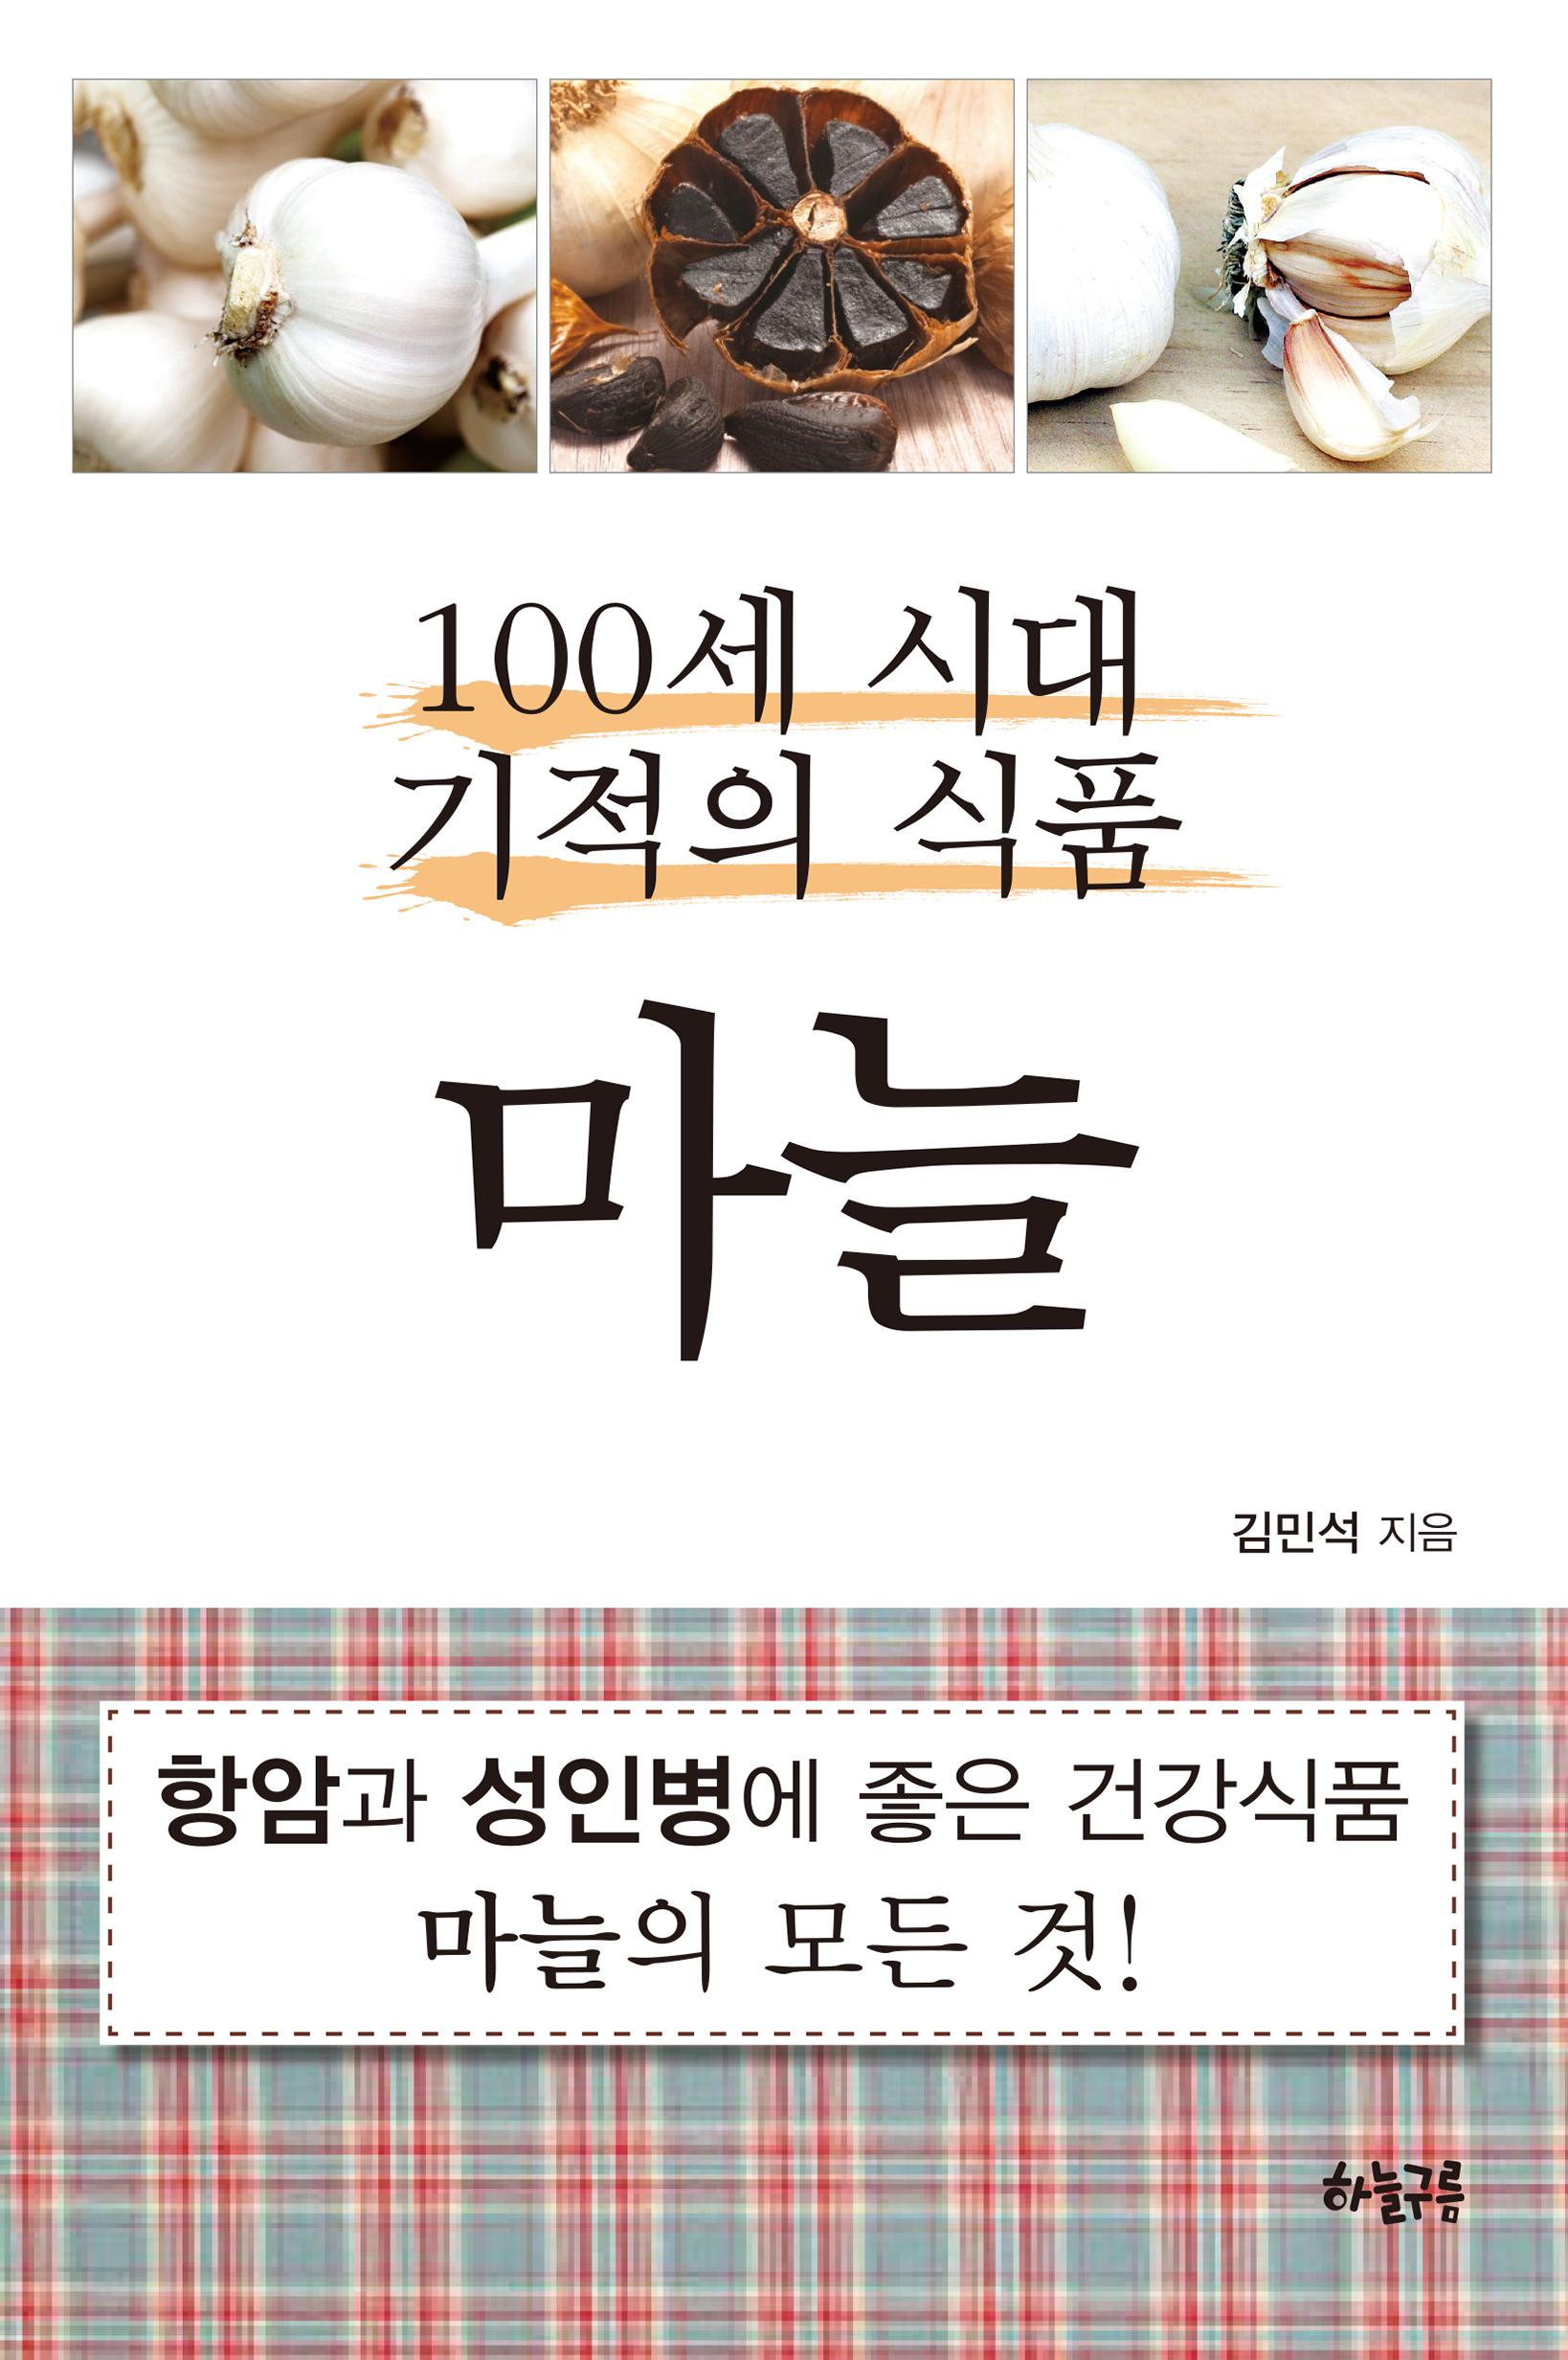 [100세 시대 기적의 식품] 100세 시대 기적의 식품 마늘 : 항암과 성인병에 좋은 건강식품 마늘의 모든 것!